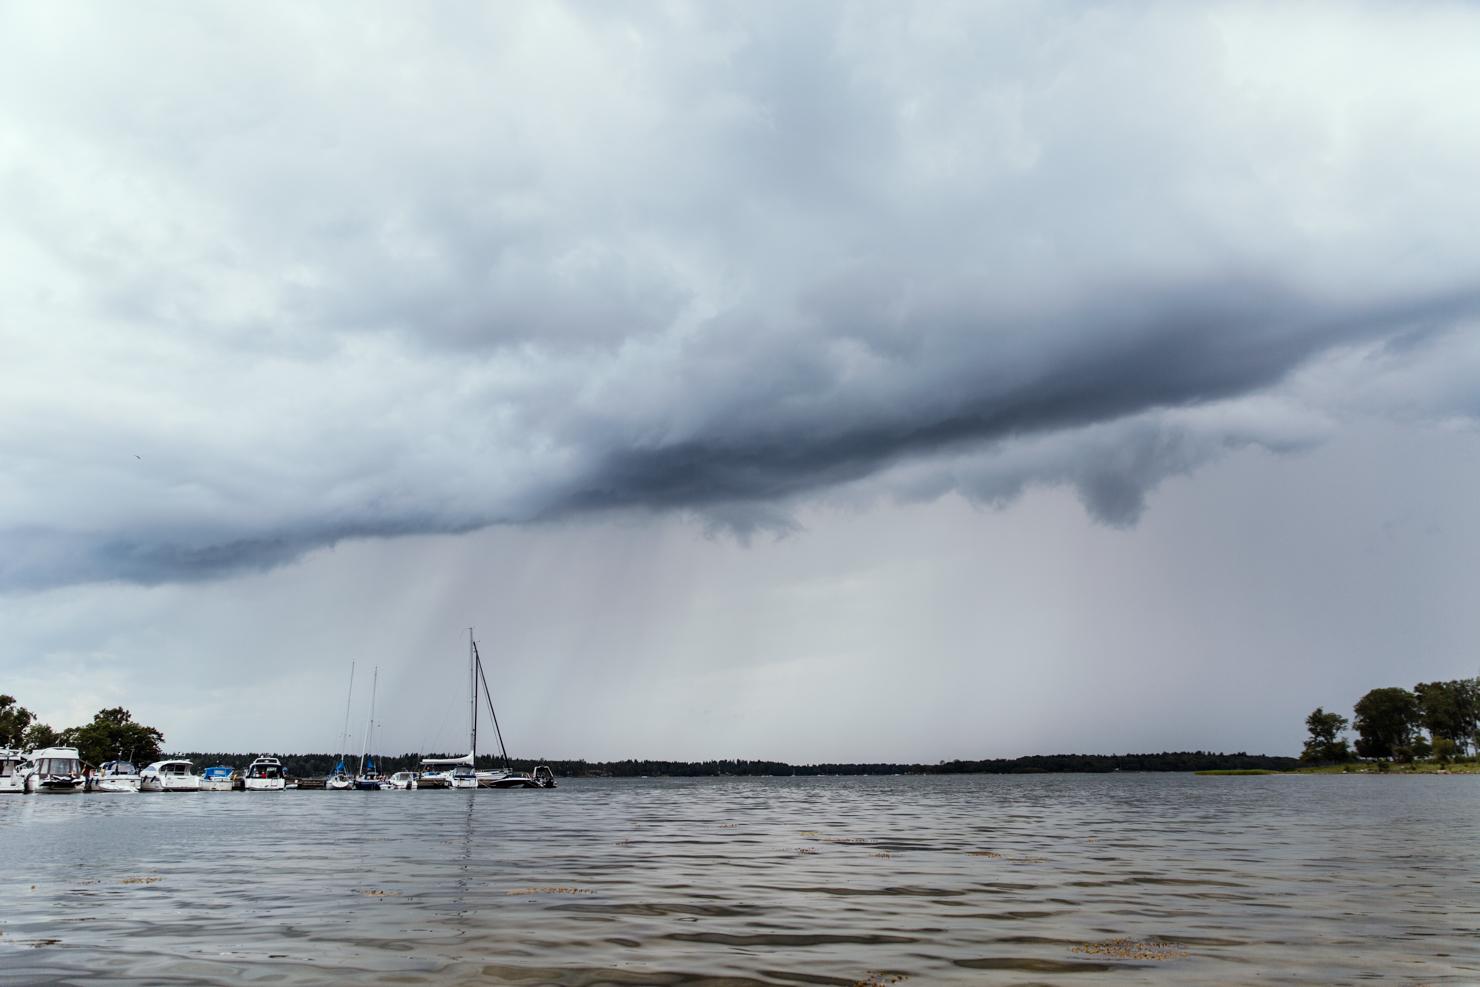 lido-regn